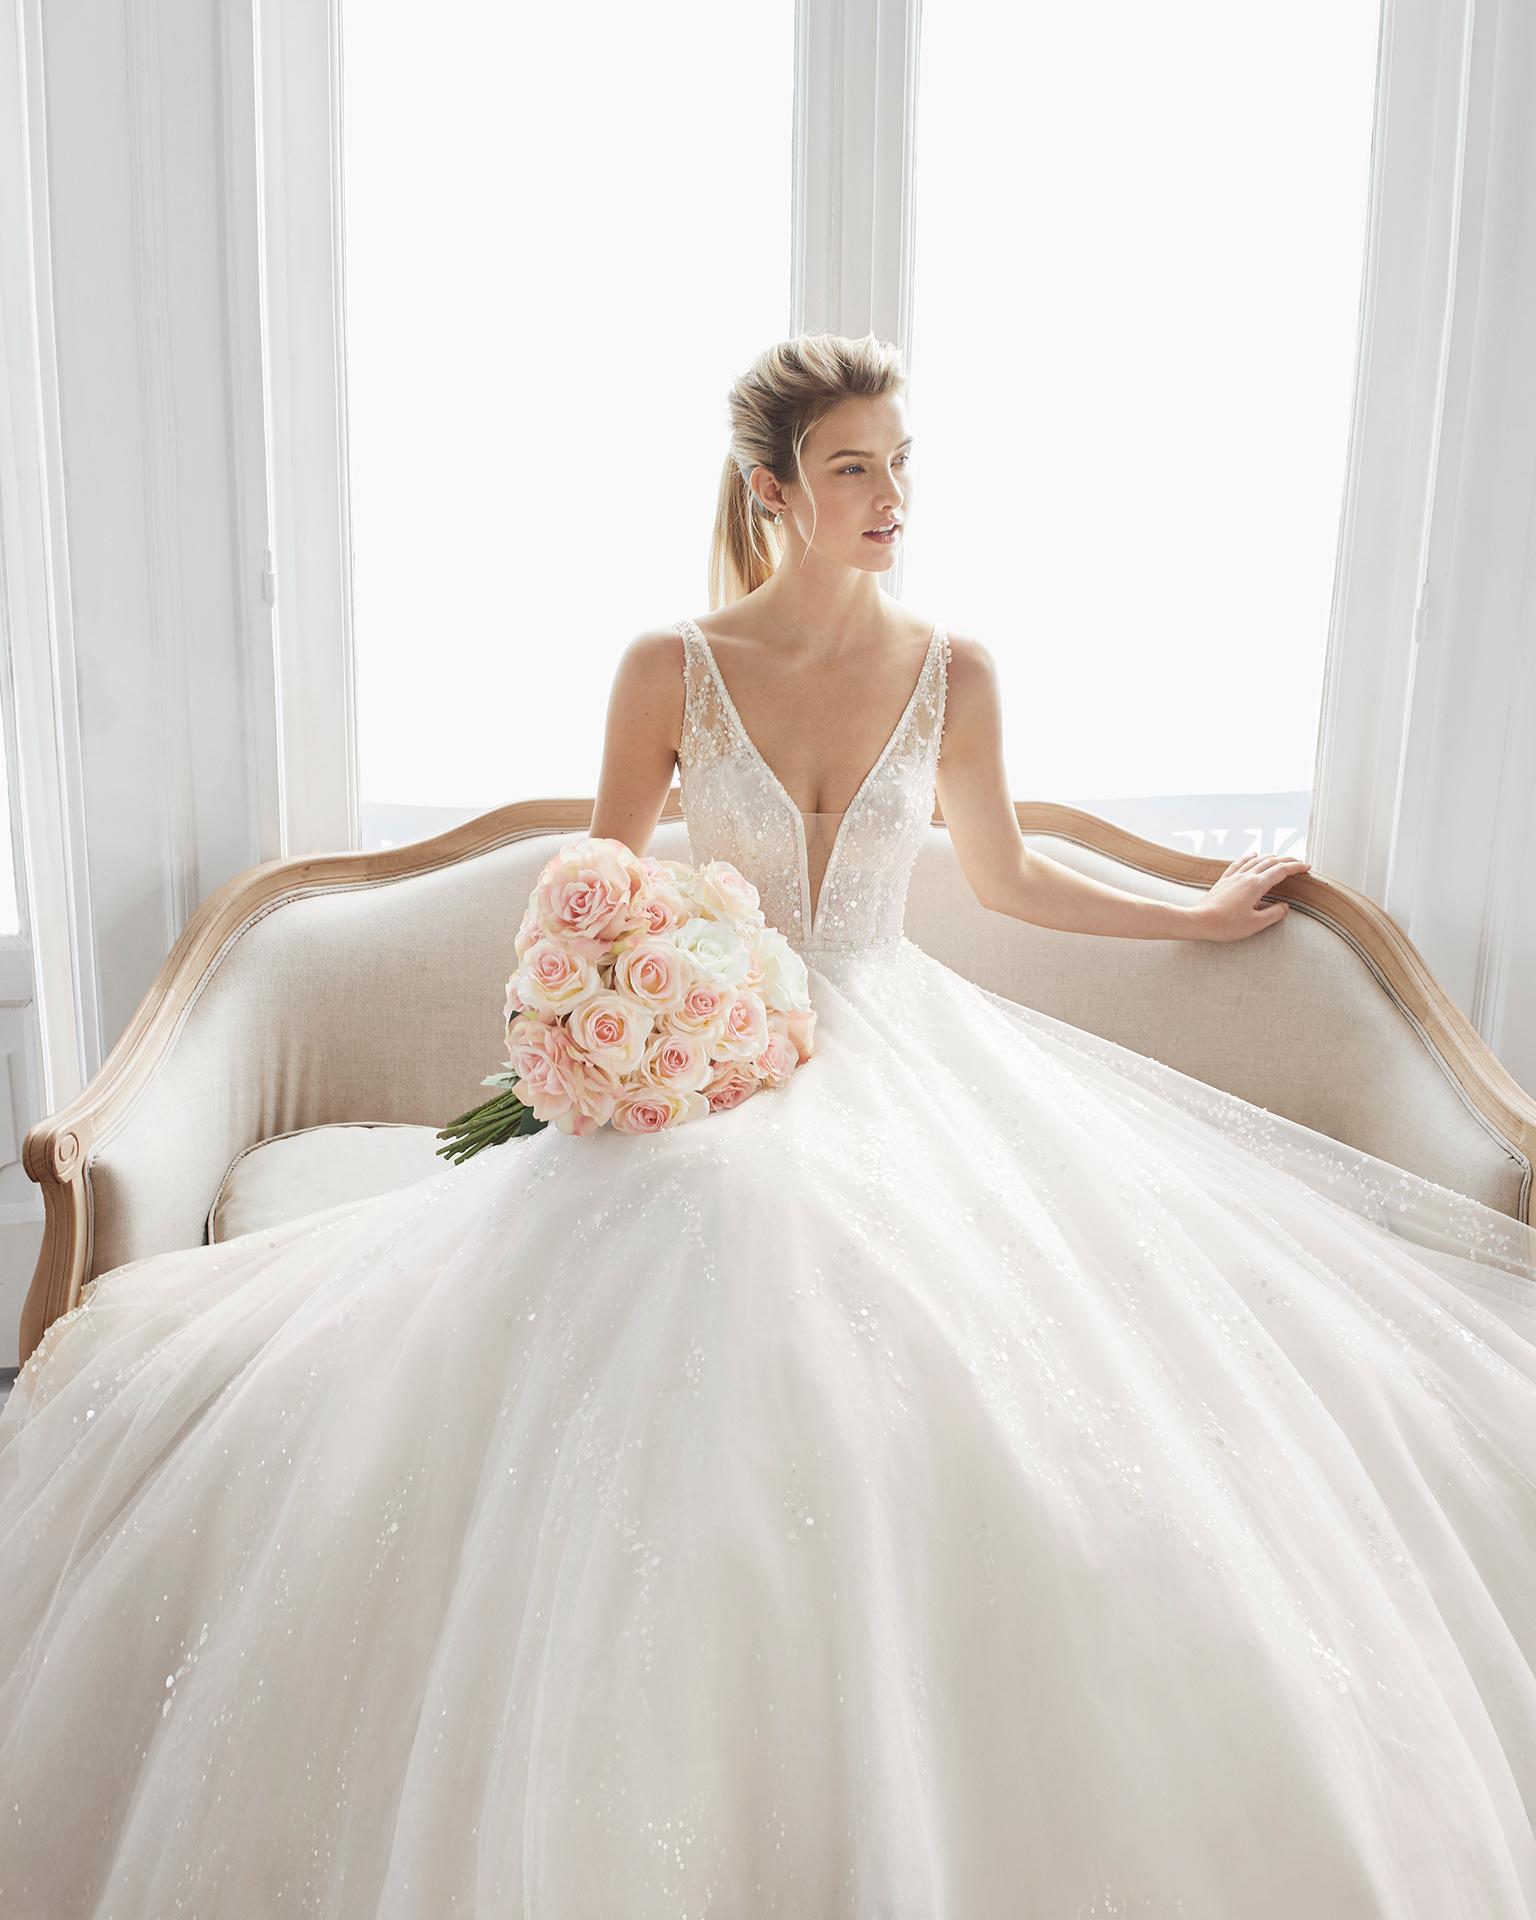 Robe de mariée style princesse en dentelle avec pierreries et tulle. Décolleté plongeant et dos en V. Disponible en couleur naturelle. Collection AIRE BARCELONA 2019.